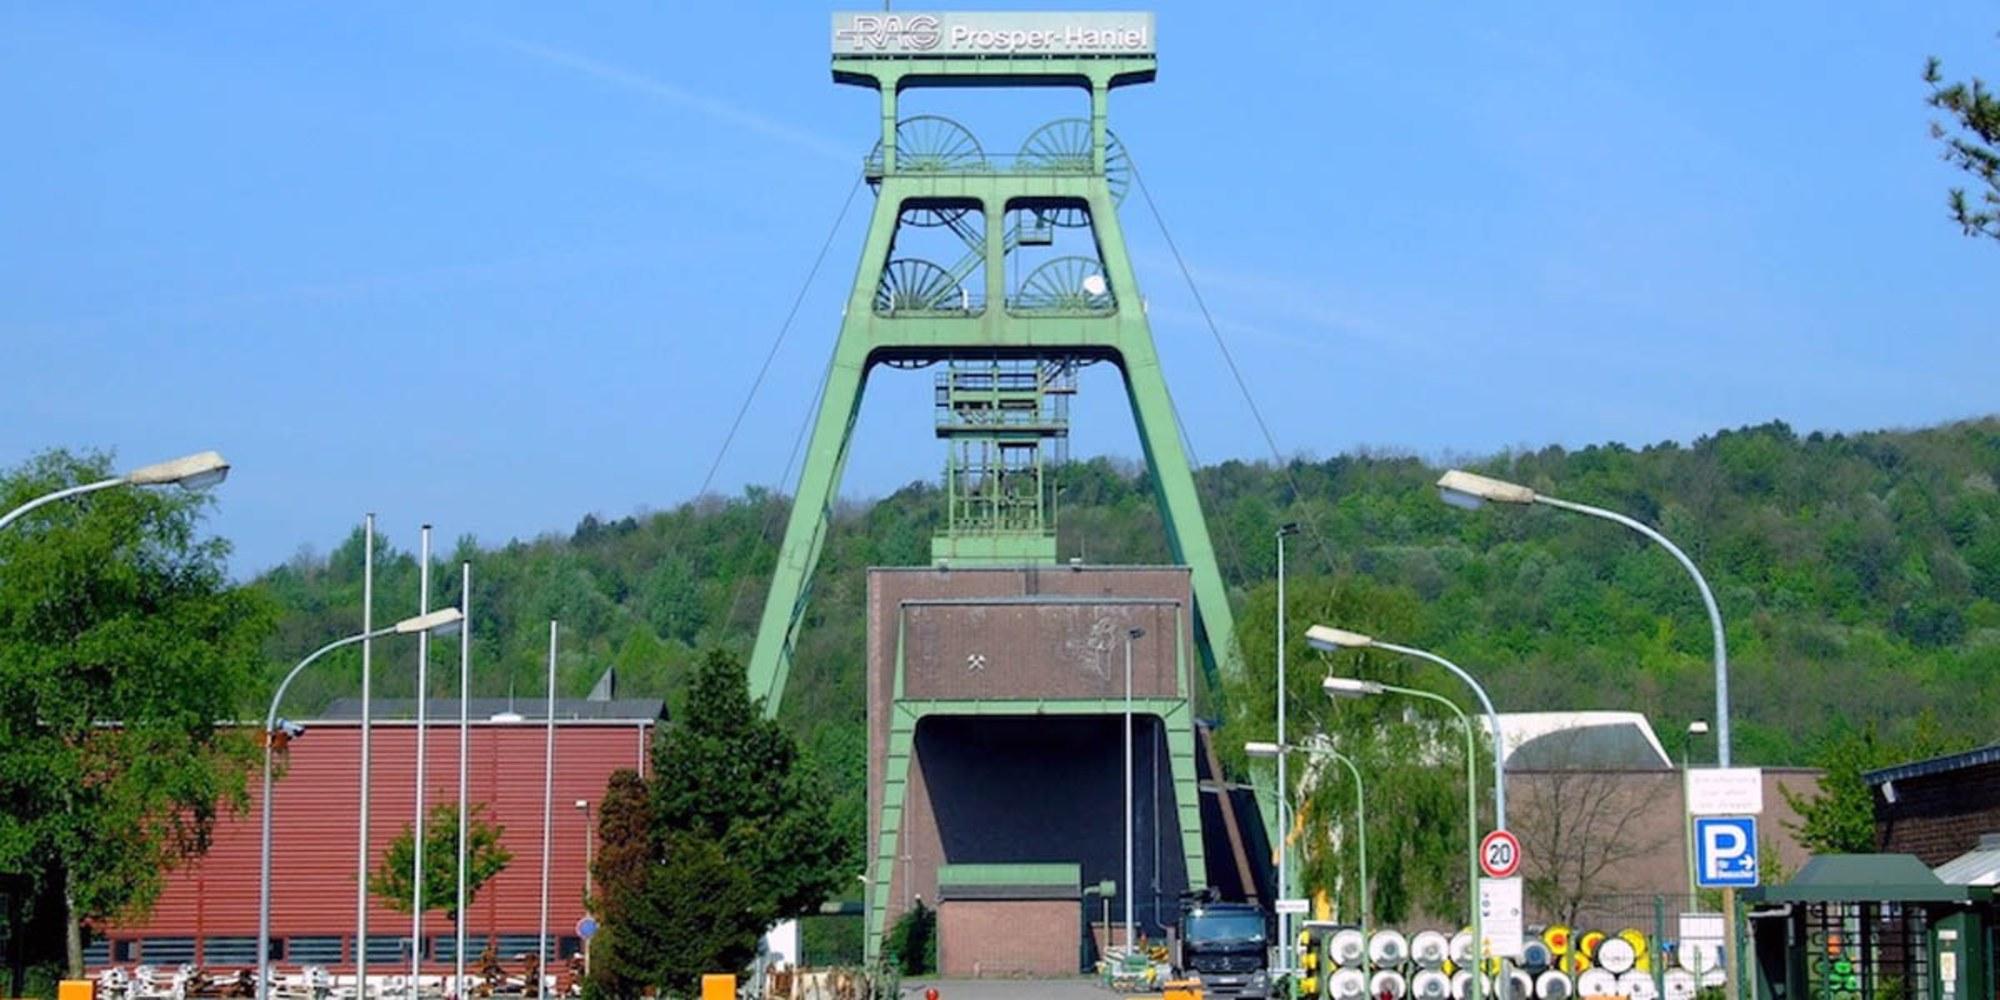 alm coal mining